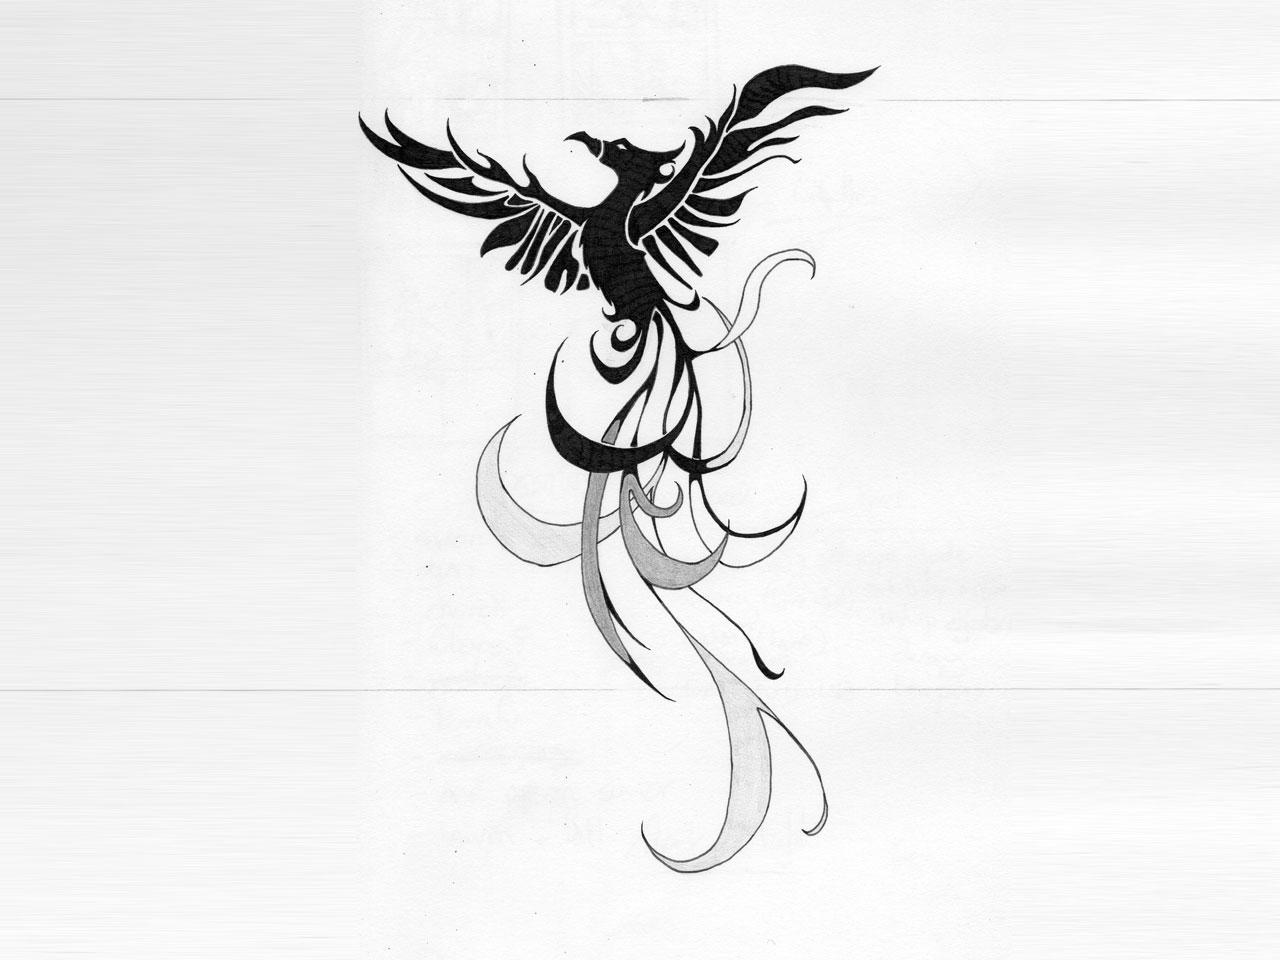 Small Phoenix Bird Tattoo Designs